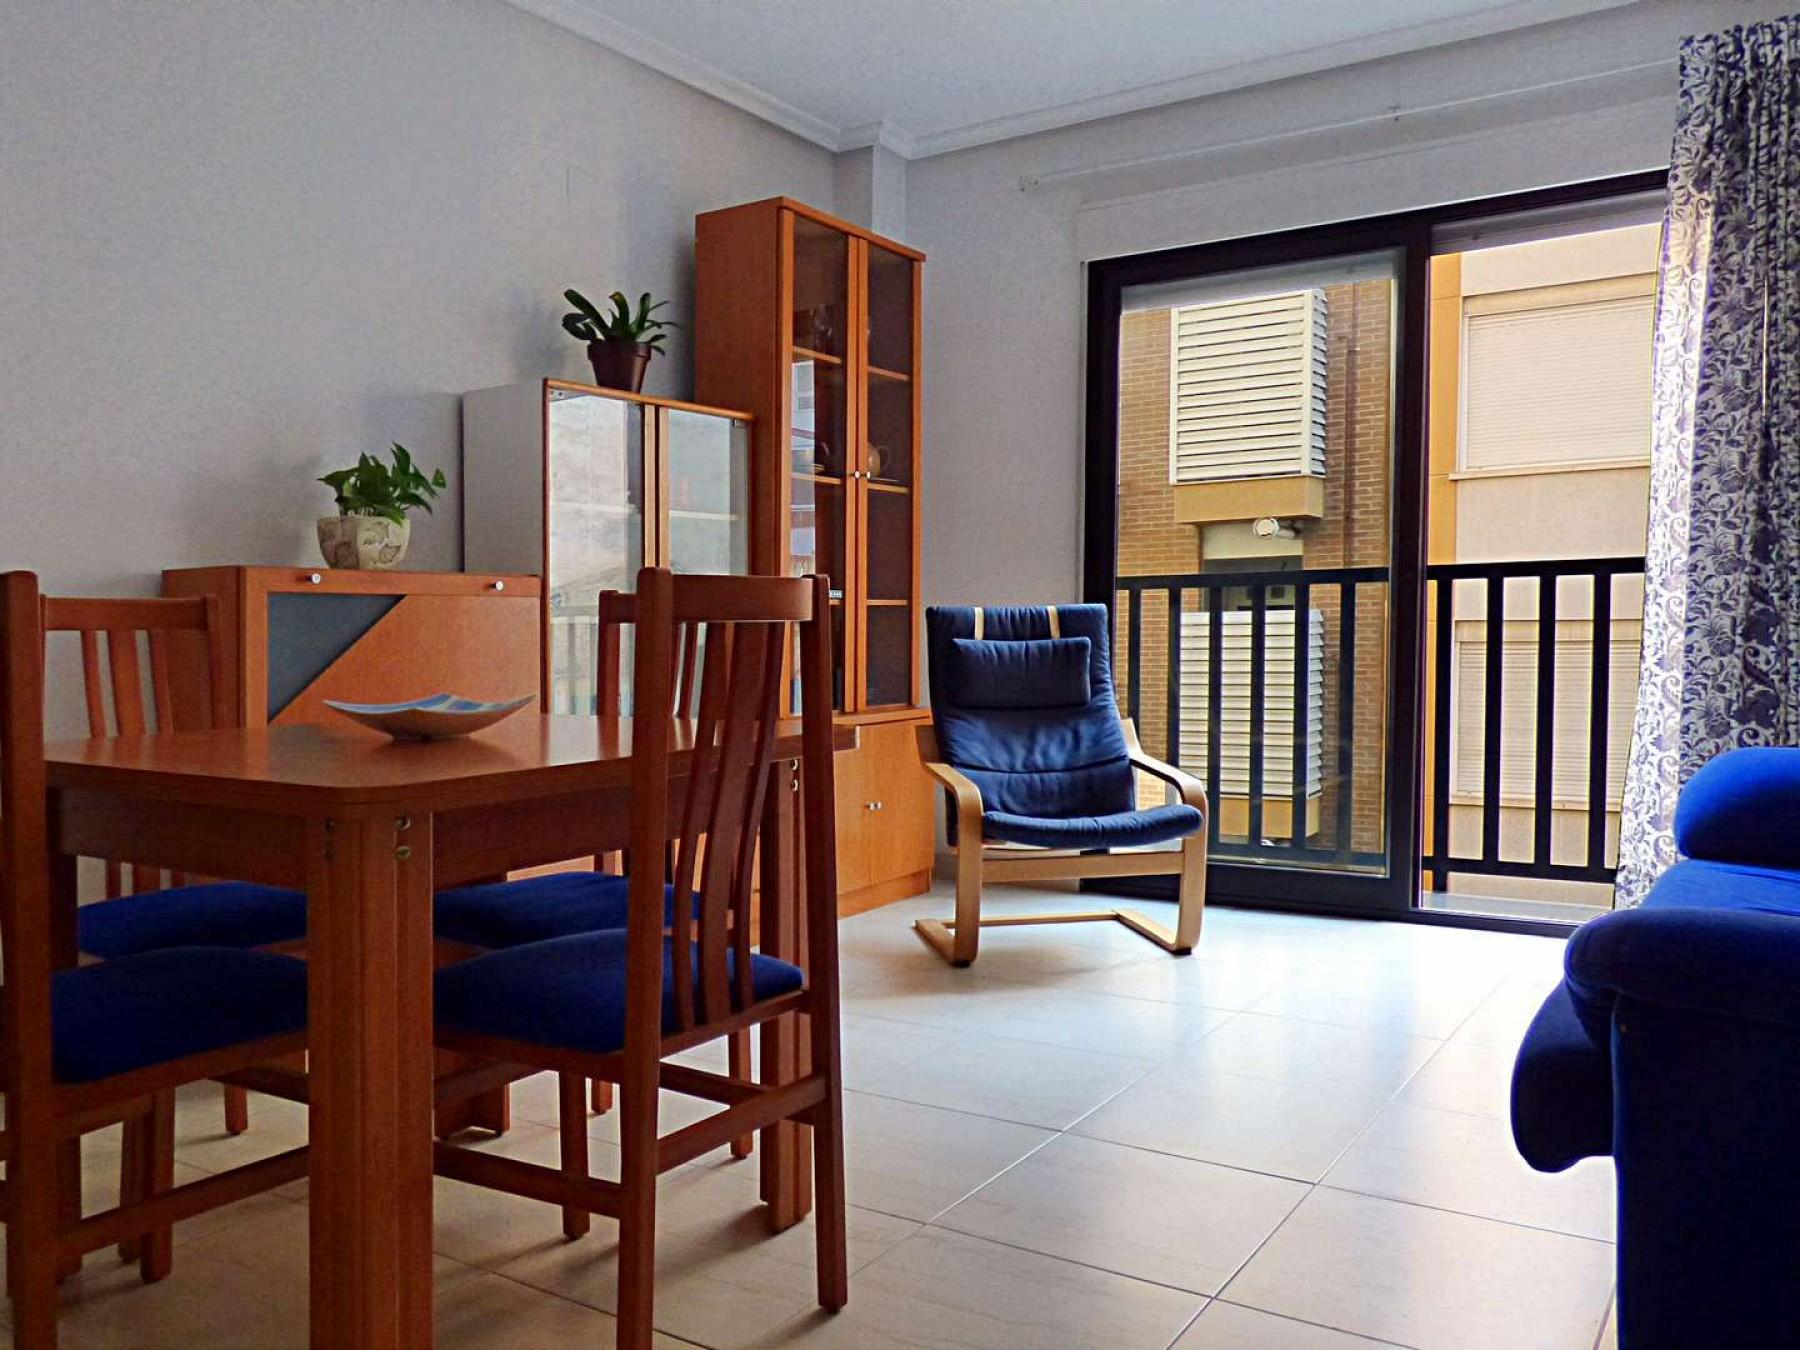 Luminosa Vivienda De 2 Dormitorios En C Poeta Campos Vasallo N  # Muebles Casa Lado Cee